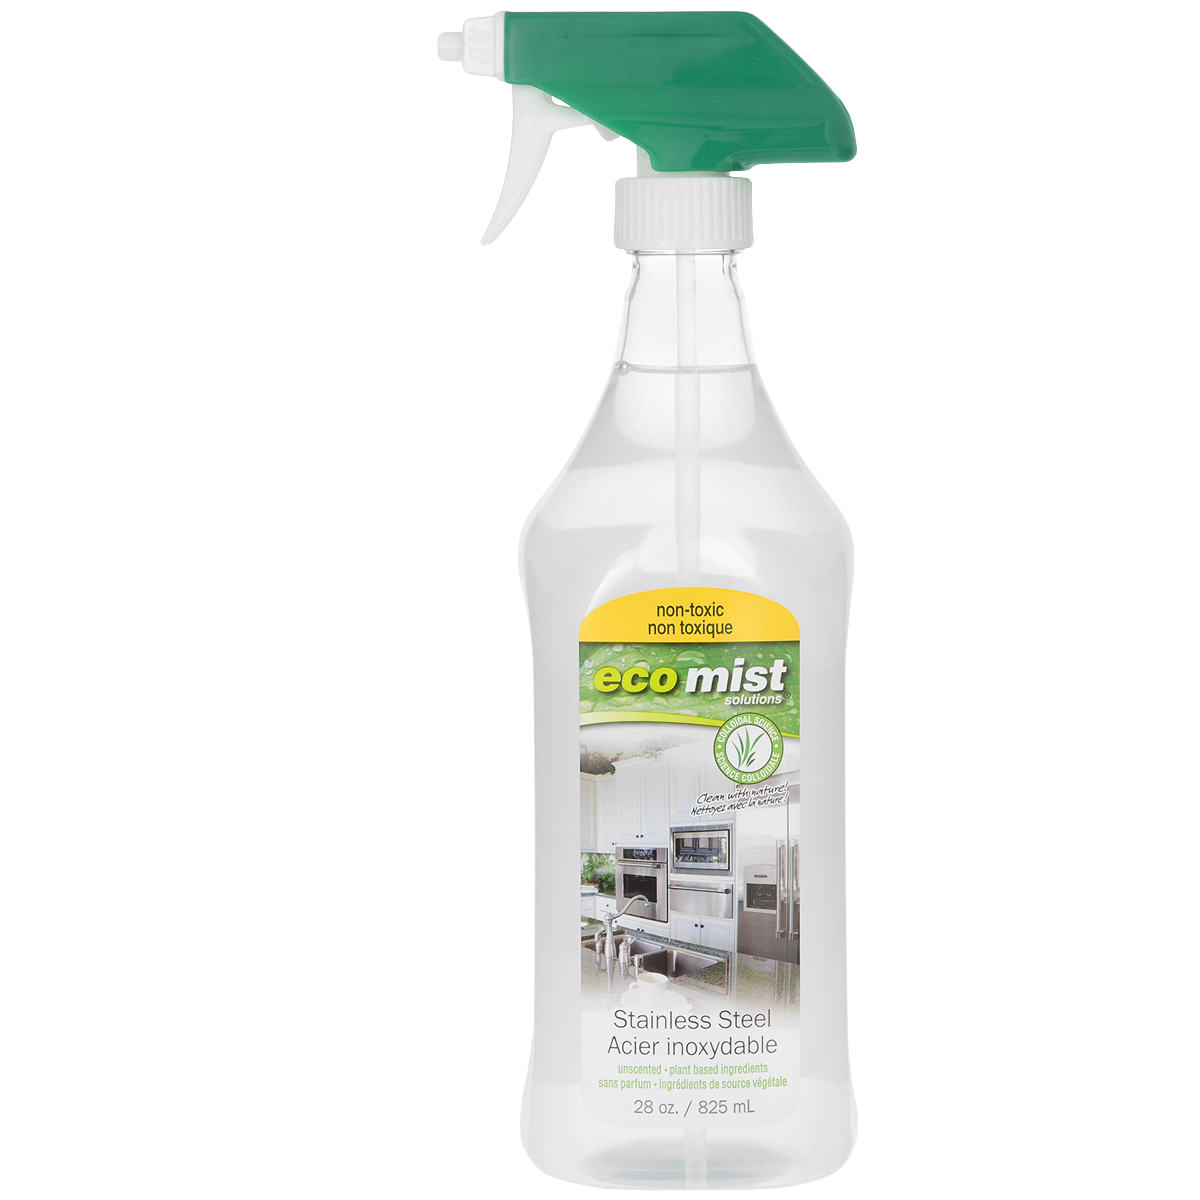 Средство для очистки поверхностей из нержавеющей стали Eco Mist, 825 мл средство для удаления жира eco mist 825 мл